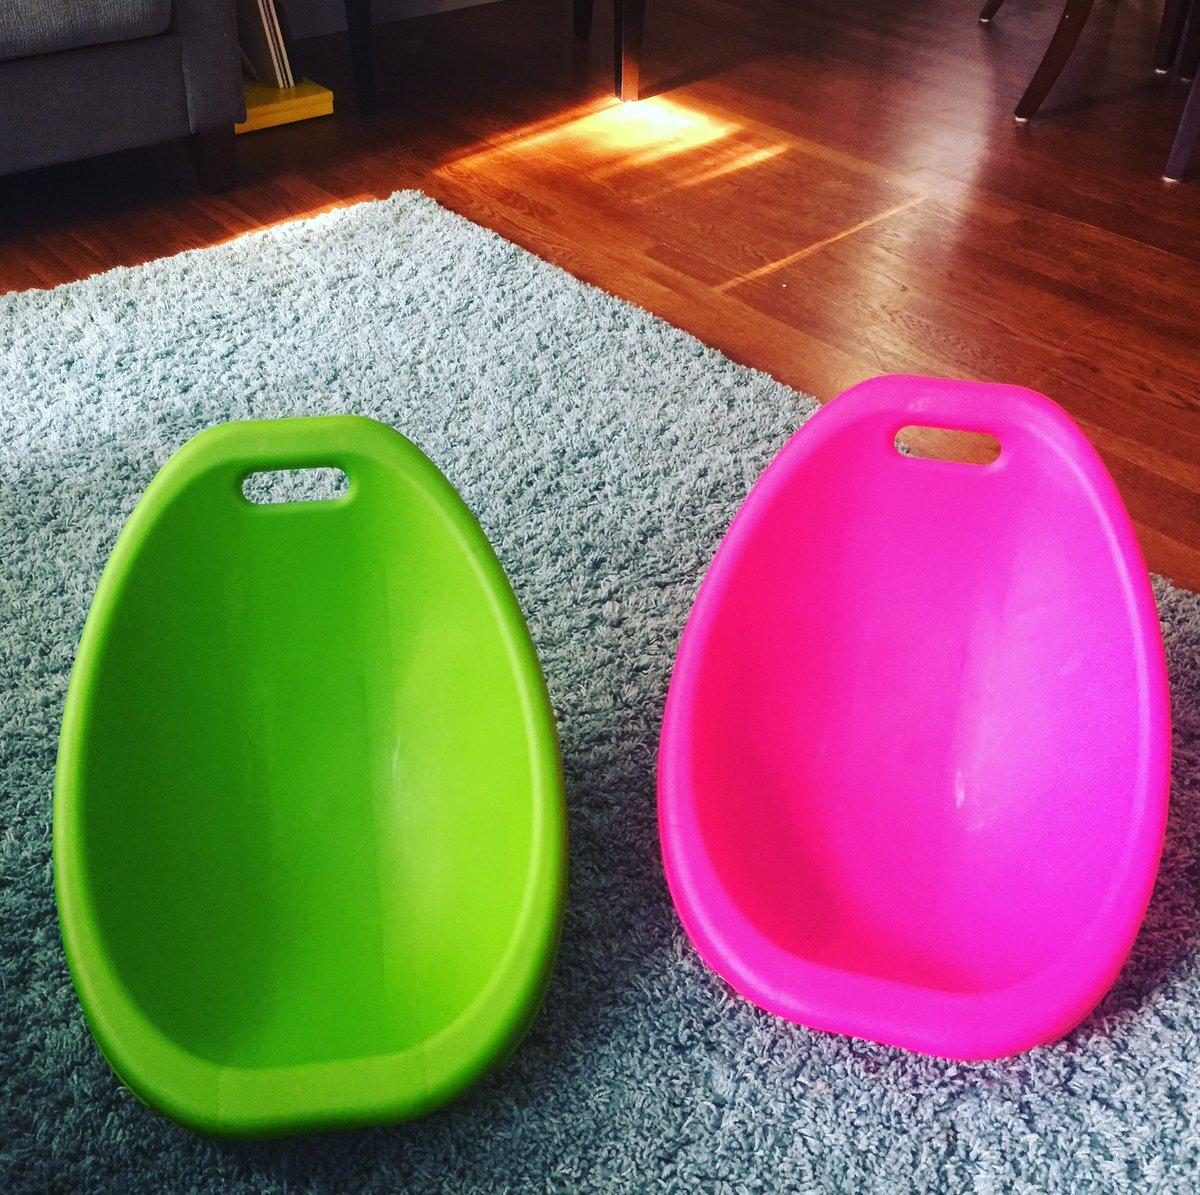 rocking chair for autistic child dining covers ebay uk lauren brukner twitter